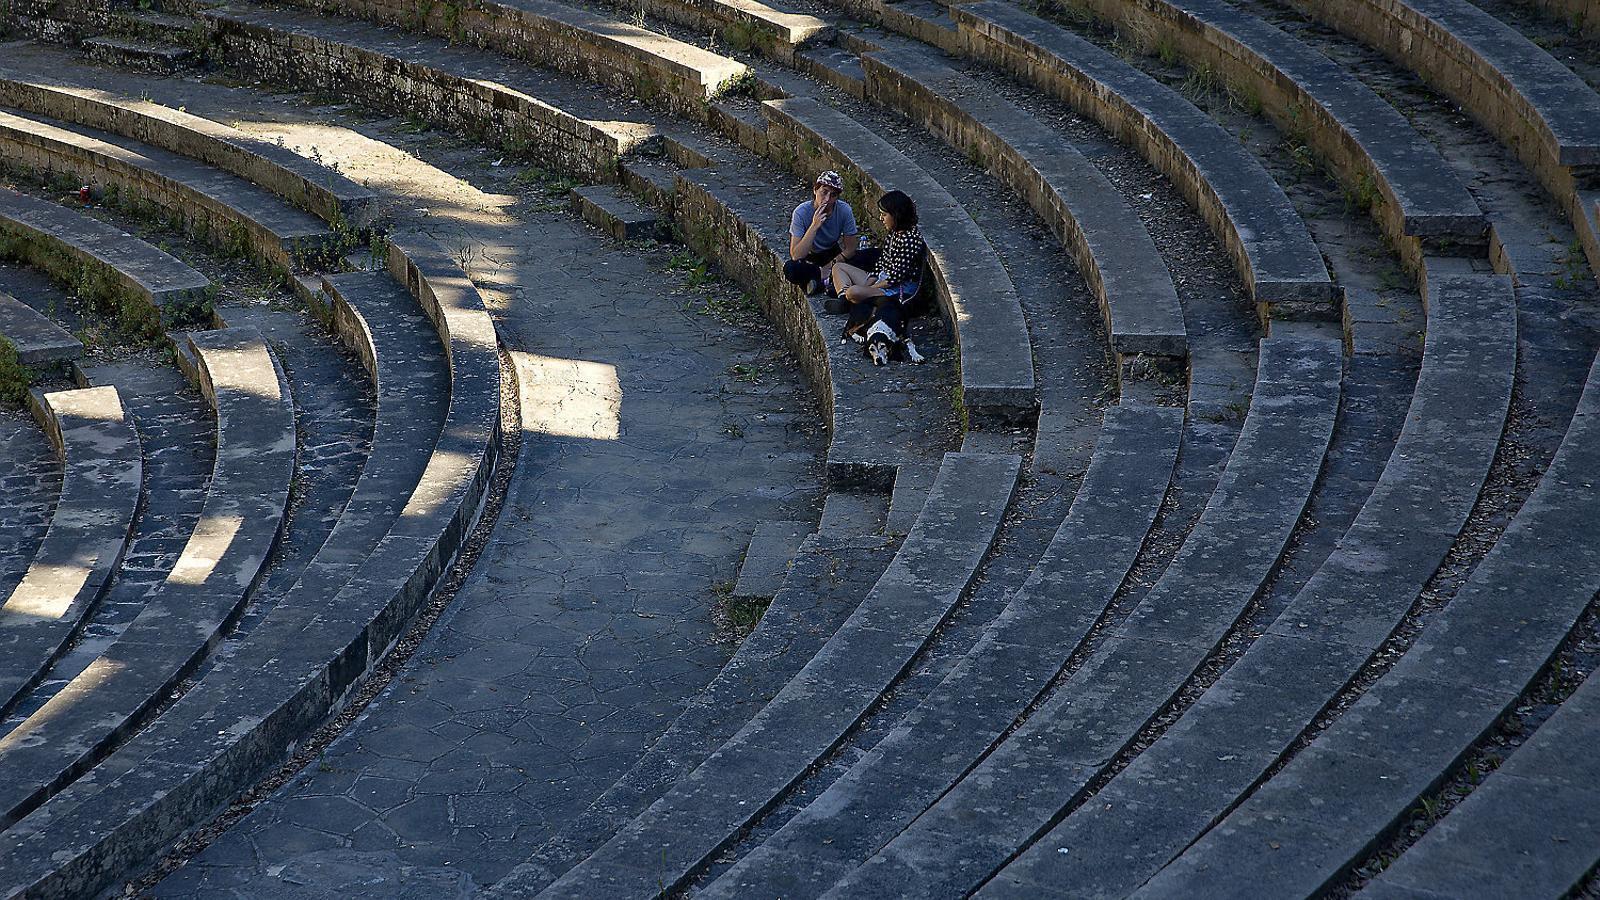 L'amfiteatre del Grec, a Barcelona, espera tornar a rebre espectadors aquest estiu, amb la distància adequada.